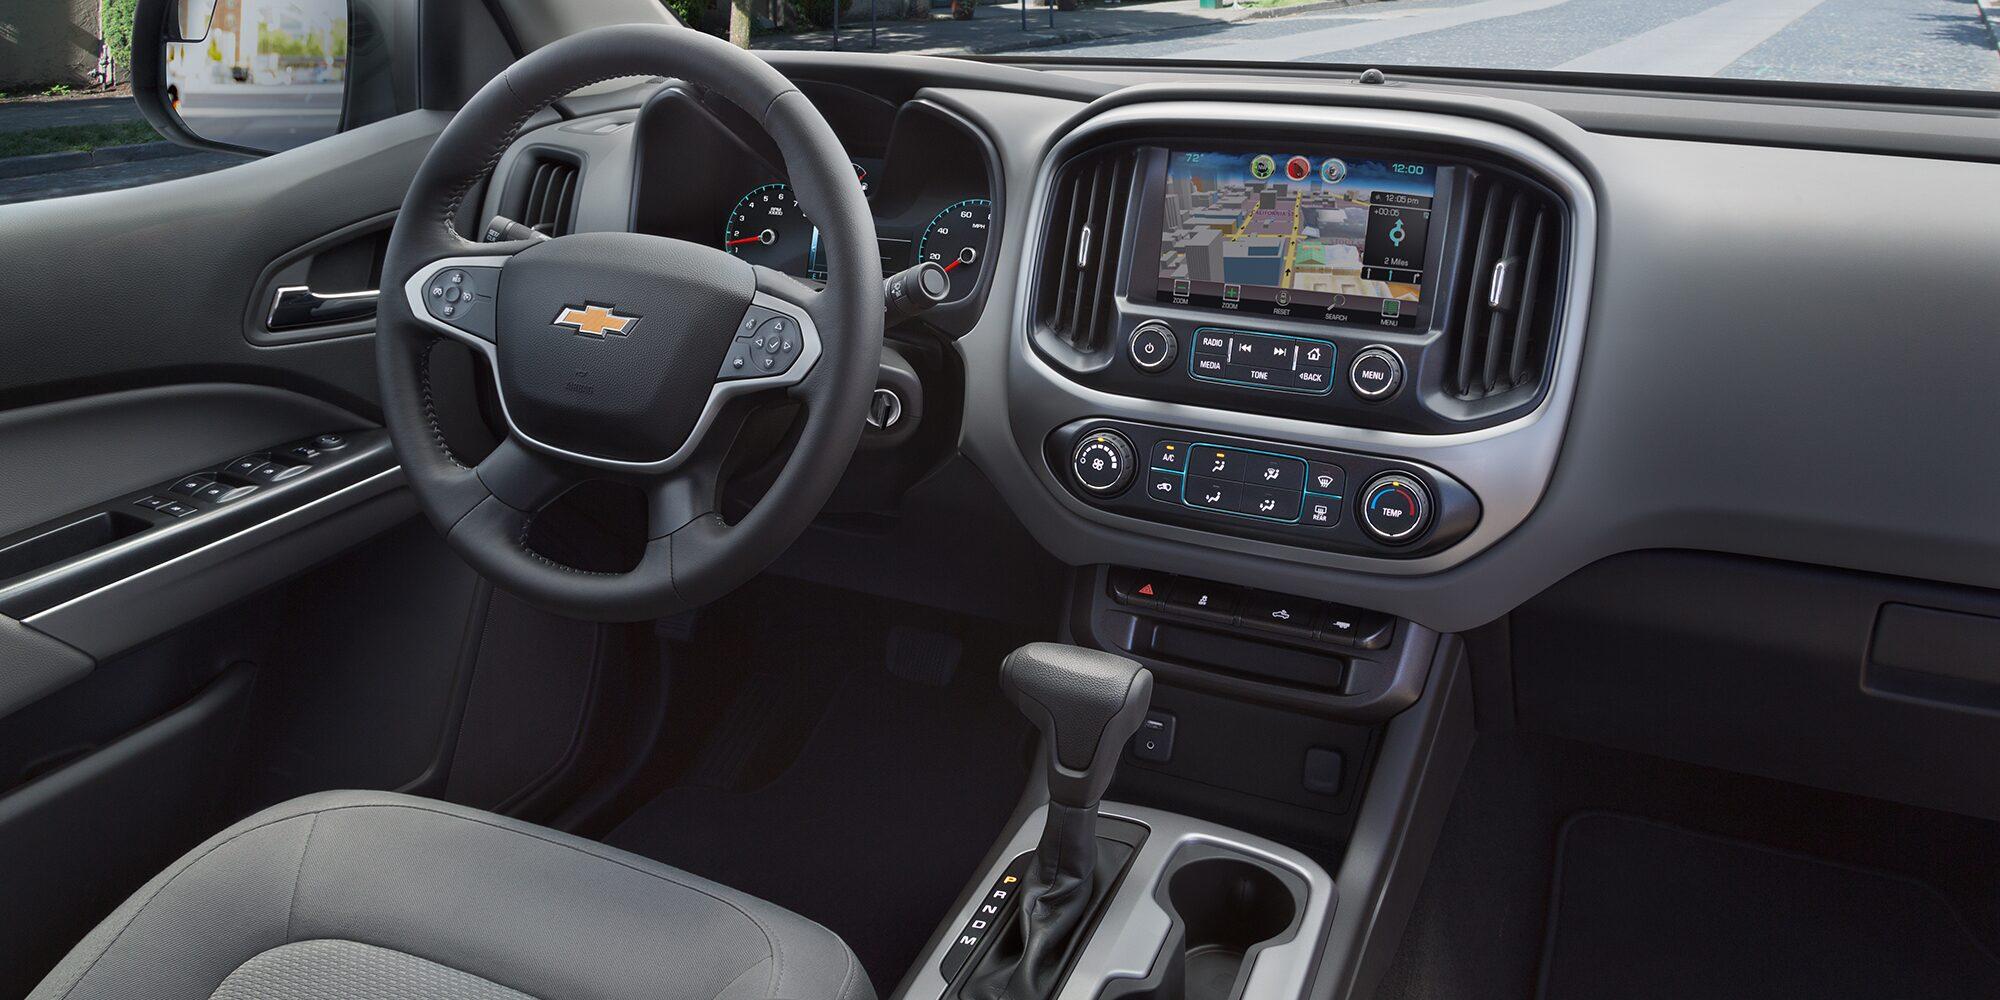 2018 Colorado Midsize Truck Interior Photo: Driver Seat